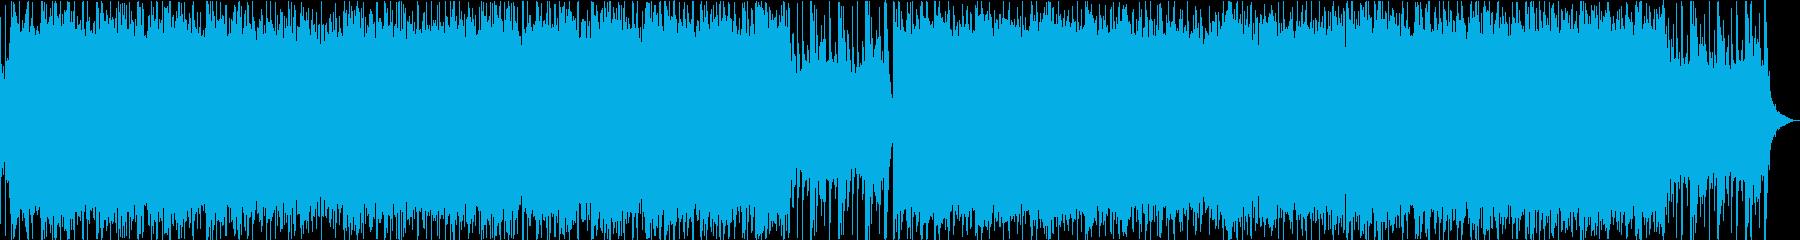 正義側の壮大な戦闘曲(別ver,有)の再生済みの波形